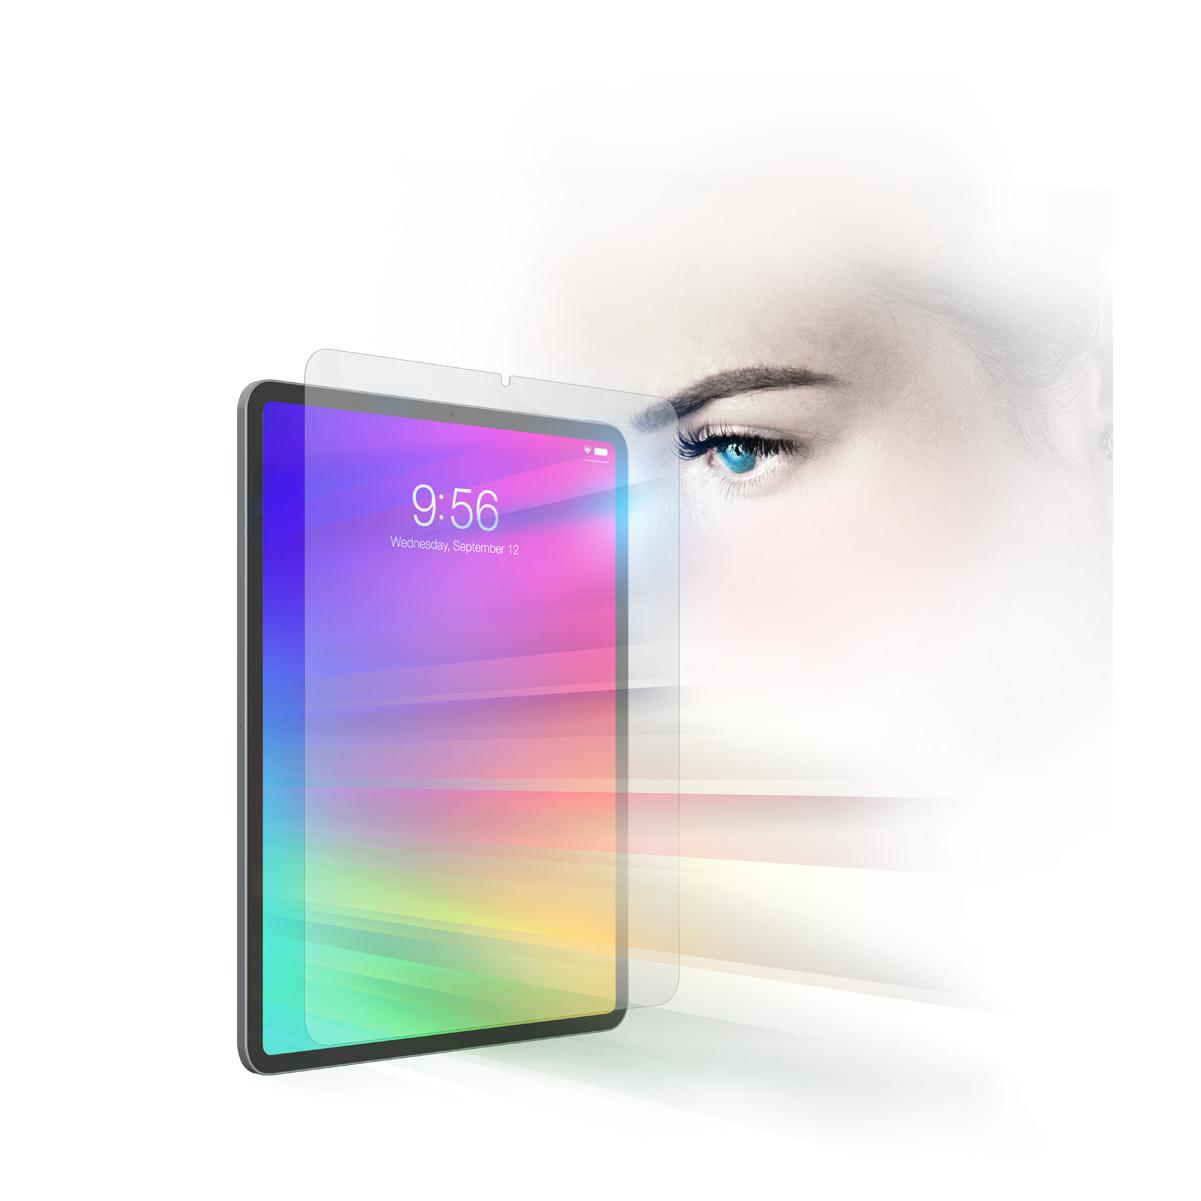 Miếng dán màn hình cường lực chống ánh sáng xanh bảo vệ mắt InvisibleShield cho iPad - Hàng Chính Hãng